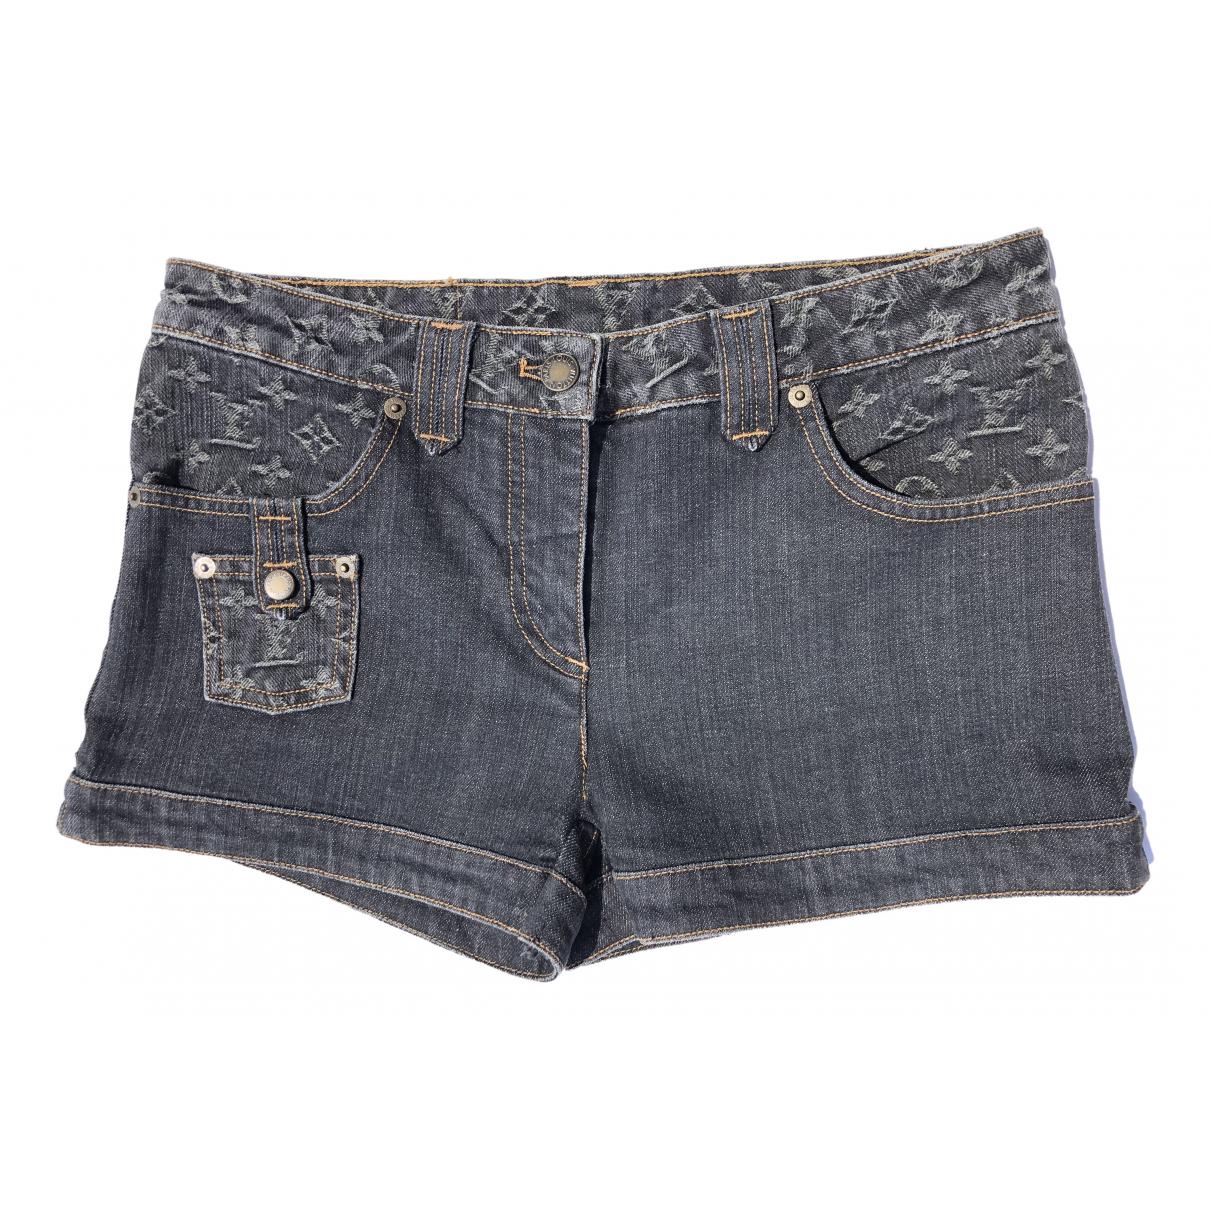 Louis Vuitton \N Shorts in  Grau Denim - Jeans